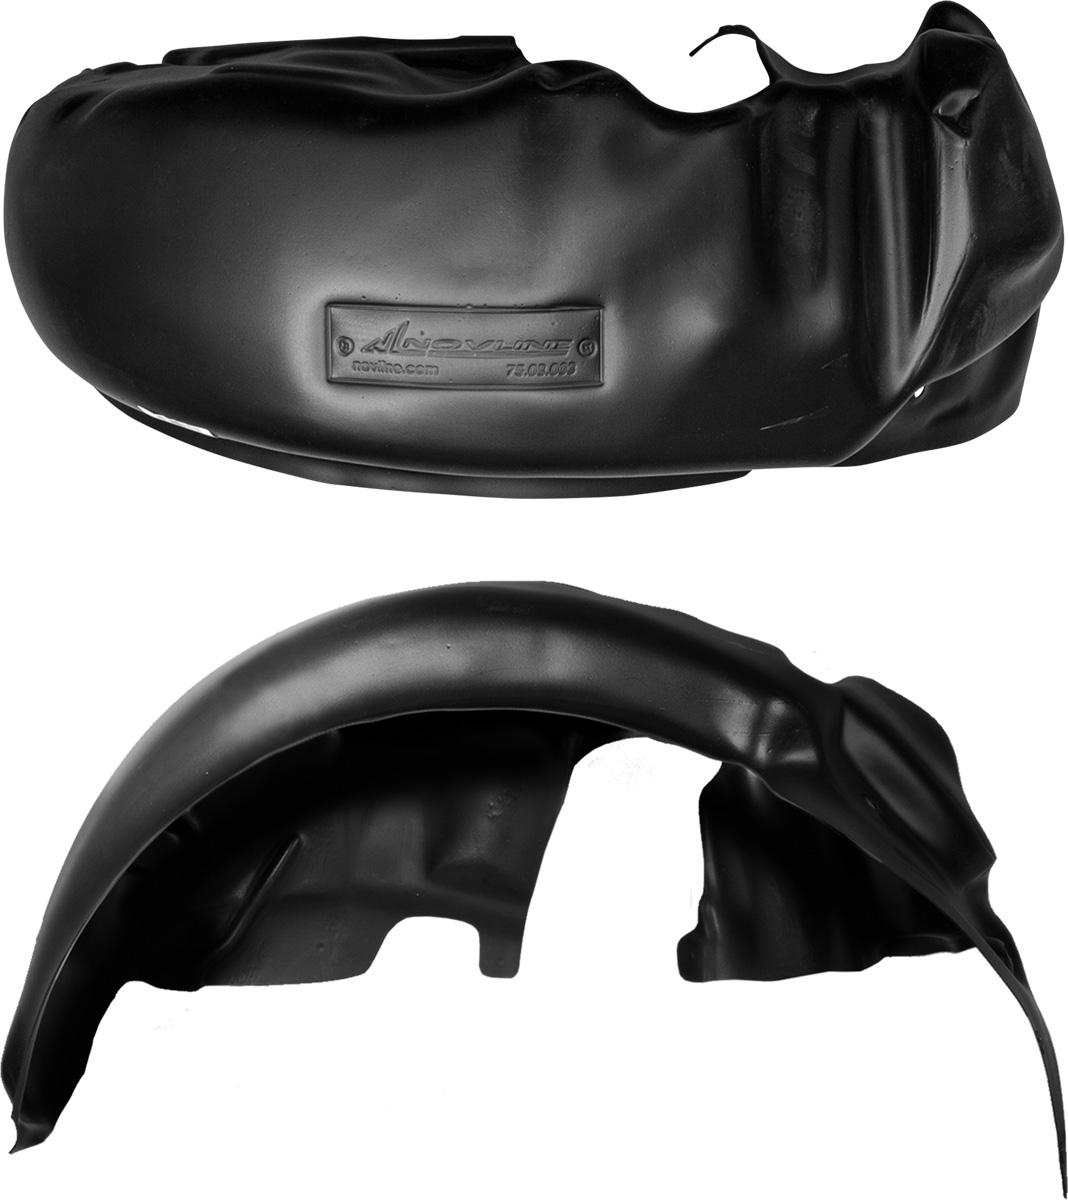 Подкрылок Novline-Autofamily, для Mitsubishi Pajero Sport, 2008->, задний правыйNLL.35.20.004Колесные ниши - одни из самых уязвимых зон днища вашего автомобиля. Они постоянно подвергаются воздействию со стороны дороги. Лучшая, почти абсолютная защита для них - специально отформованные пластиковые кожухи, которые называются подкрылками. Производятся они как для отечественных моделей автомобилей, так и для иномарок. Подкрылки Novline-Autofamily выполнены из высококачественного, экологически чистого пластика. Обеспечивают надежную защиту кузова автомобиля от пескоструйного эффекта и негативного влияния, агрессивных антигололедных реагентов. Пластик обладает более низкой теплопроводностью, чем металл, поэтому в зимний период эксплуатации использование пластиковых подкрылков позволяет лучше защитить колесные ниши от налипания снега и образования наледи. Оригинальность конструкции подчеркивает элегантность автомобиля, бережно защищает нанесенное на днище кузова антикоррозийное покрытие и позволяет осуществить крепление подкрылков внутри колесной арки практически без дополнительного крепежа и сверления, не нарушая при этом лакокрасочного покрытия, что предотвращает возникновение новых очагов коррозии. Подкрылки долговечны, обладают высокой прочностью и сохраняют заданную форму, а также все свои физико-механические характеристики в самых тяжелых климатических условиях (от -50°С до +50°С).Уважаемые клиенты!Обращаем ваше внимание, на тот факт, что подкрылок имеет форму, соответствующую модели данного автомобиля. Фото служит для визуального восприятия товара.